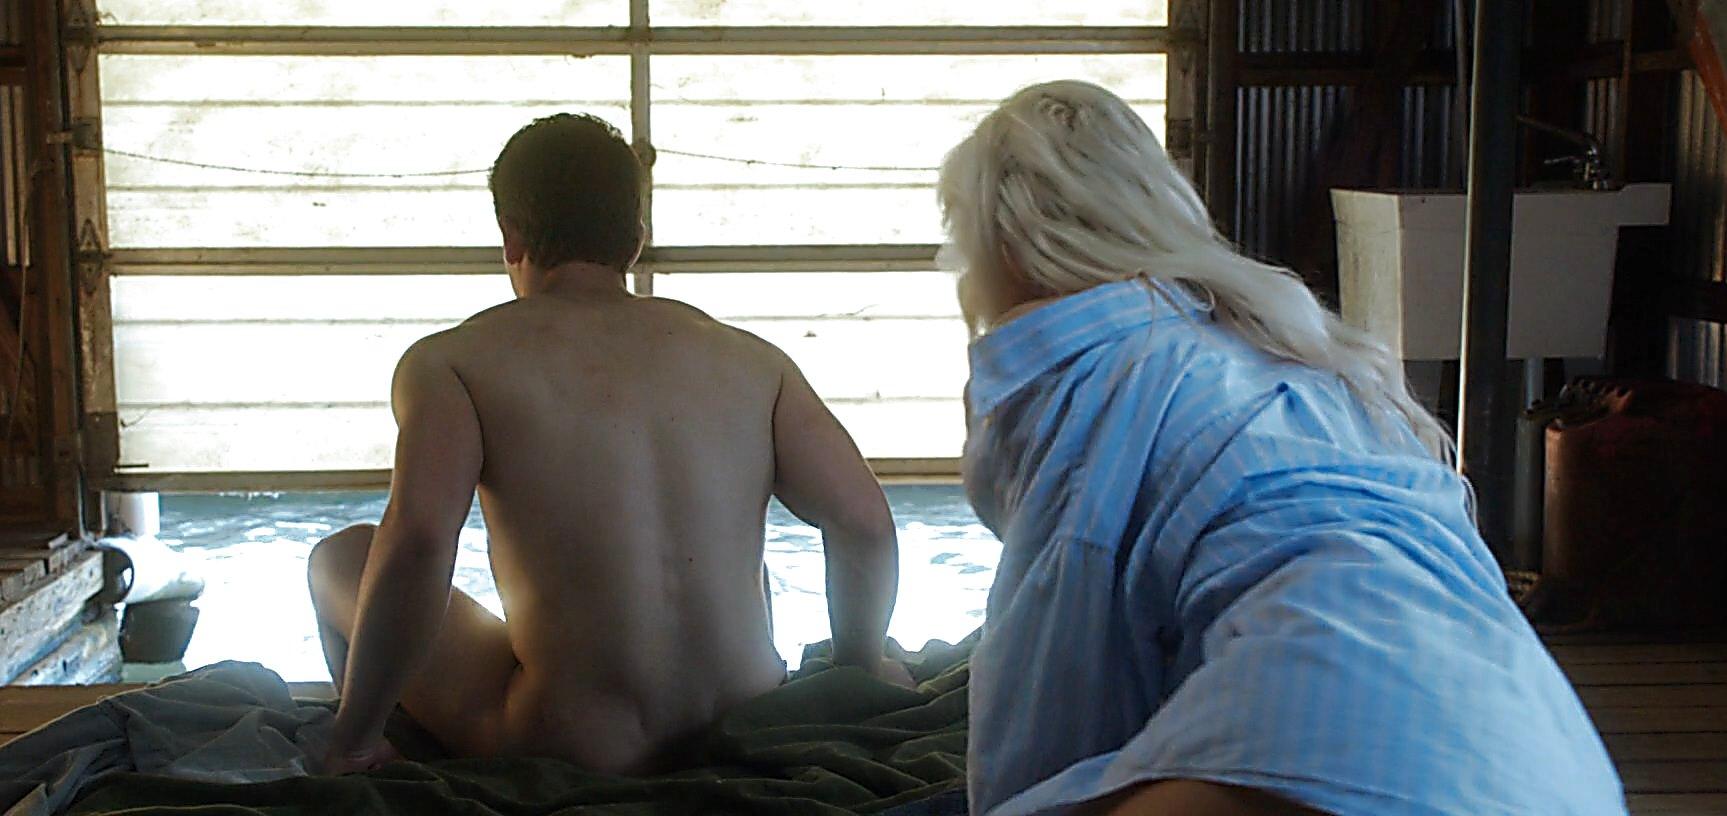 Nick Jonas sexy shirtless scene April 1, 2015, 3pm